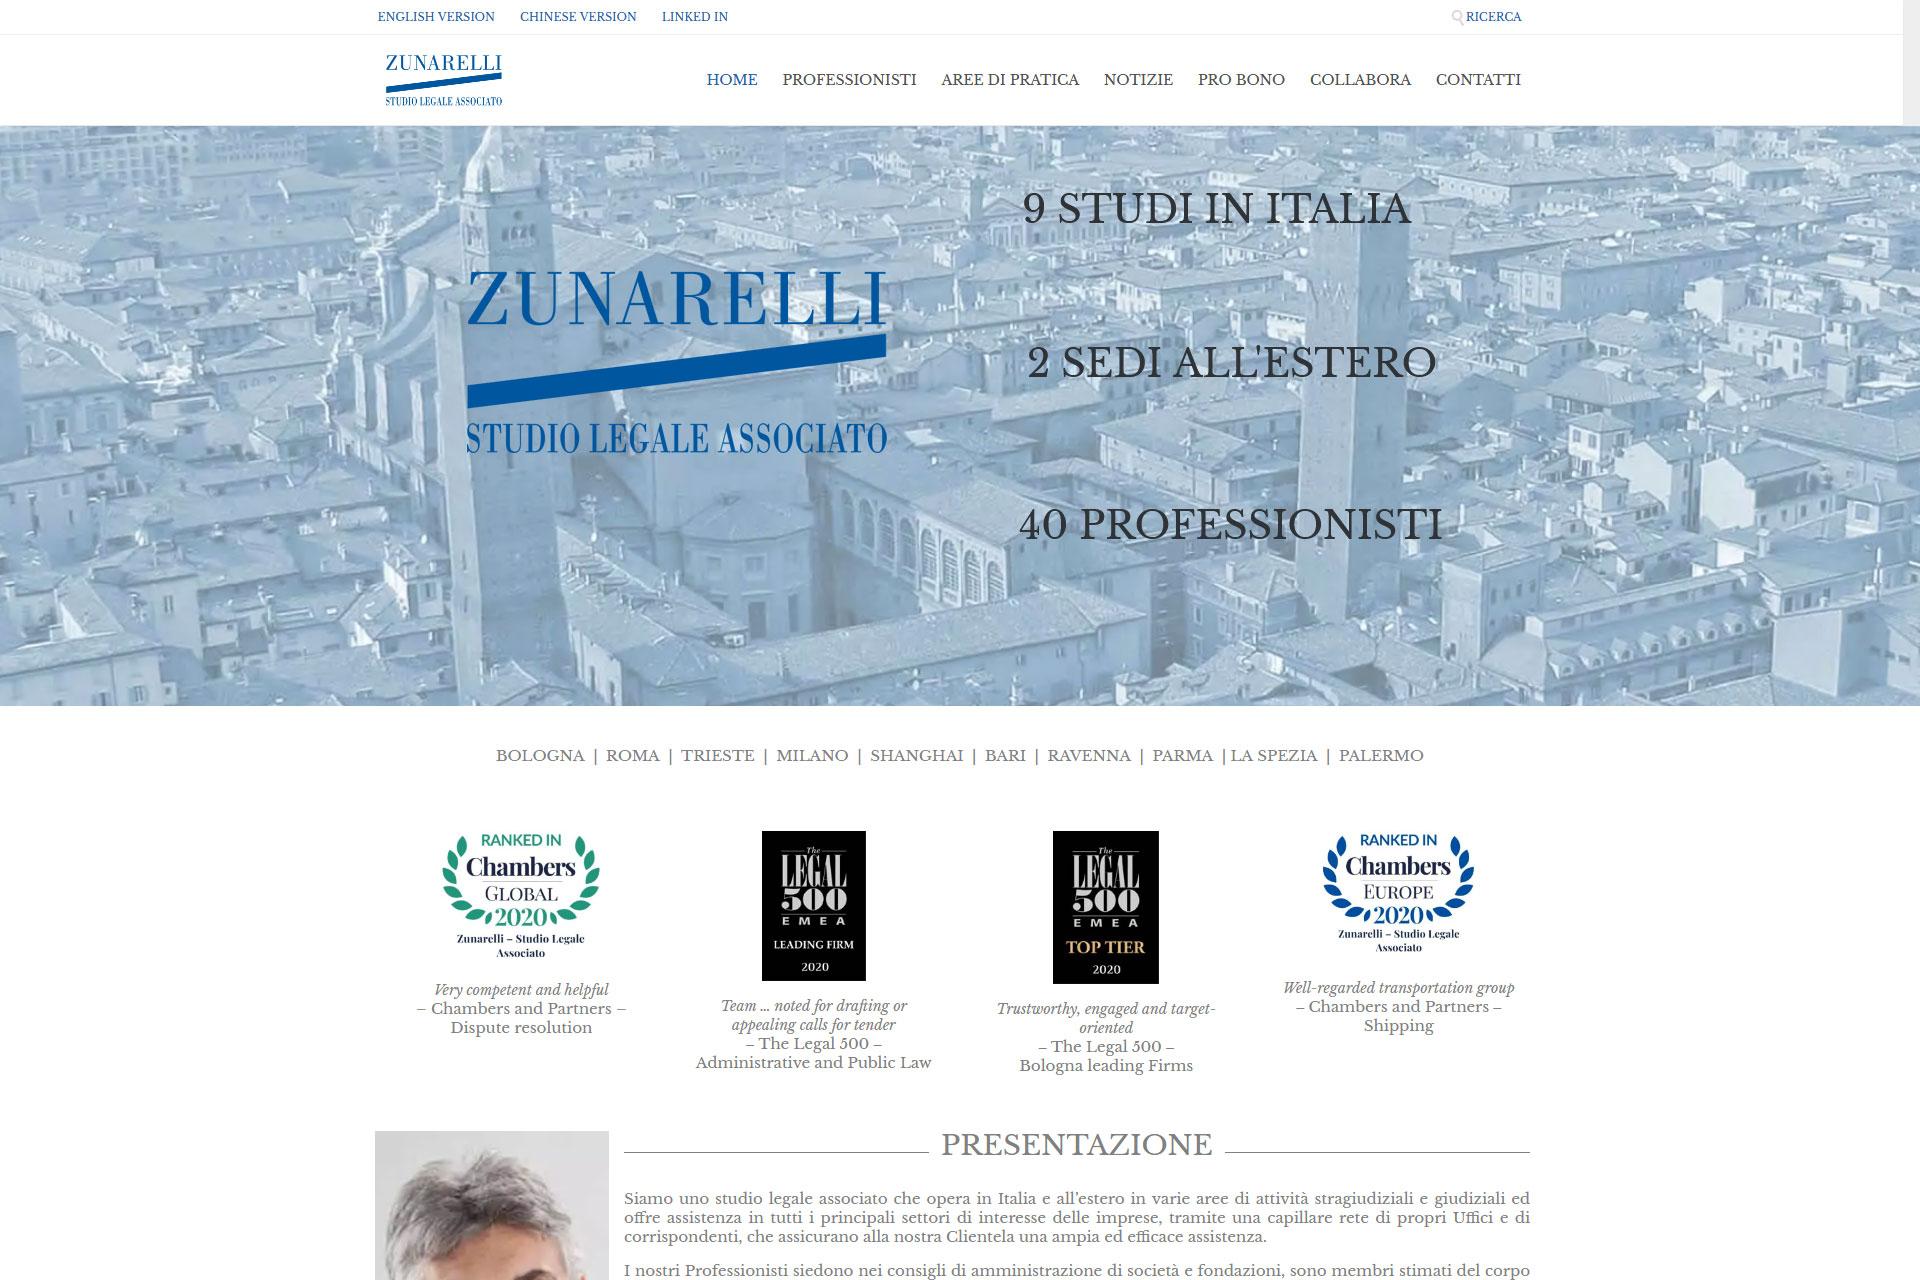 lv-design-realizzazione-siti-web-bologna-portfolio-zunarelli-studio-legale-associato-slide-1